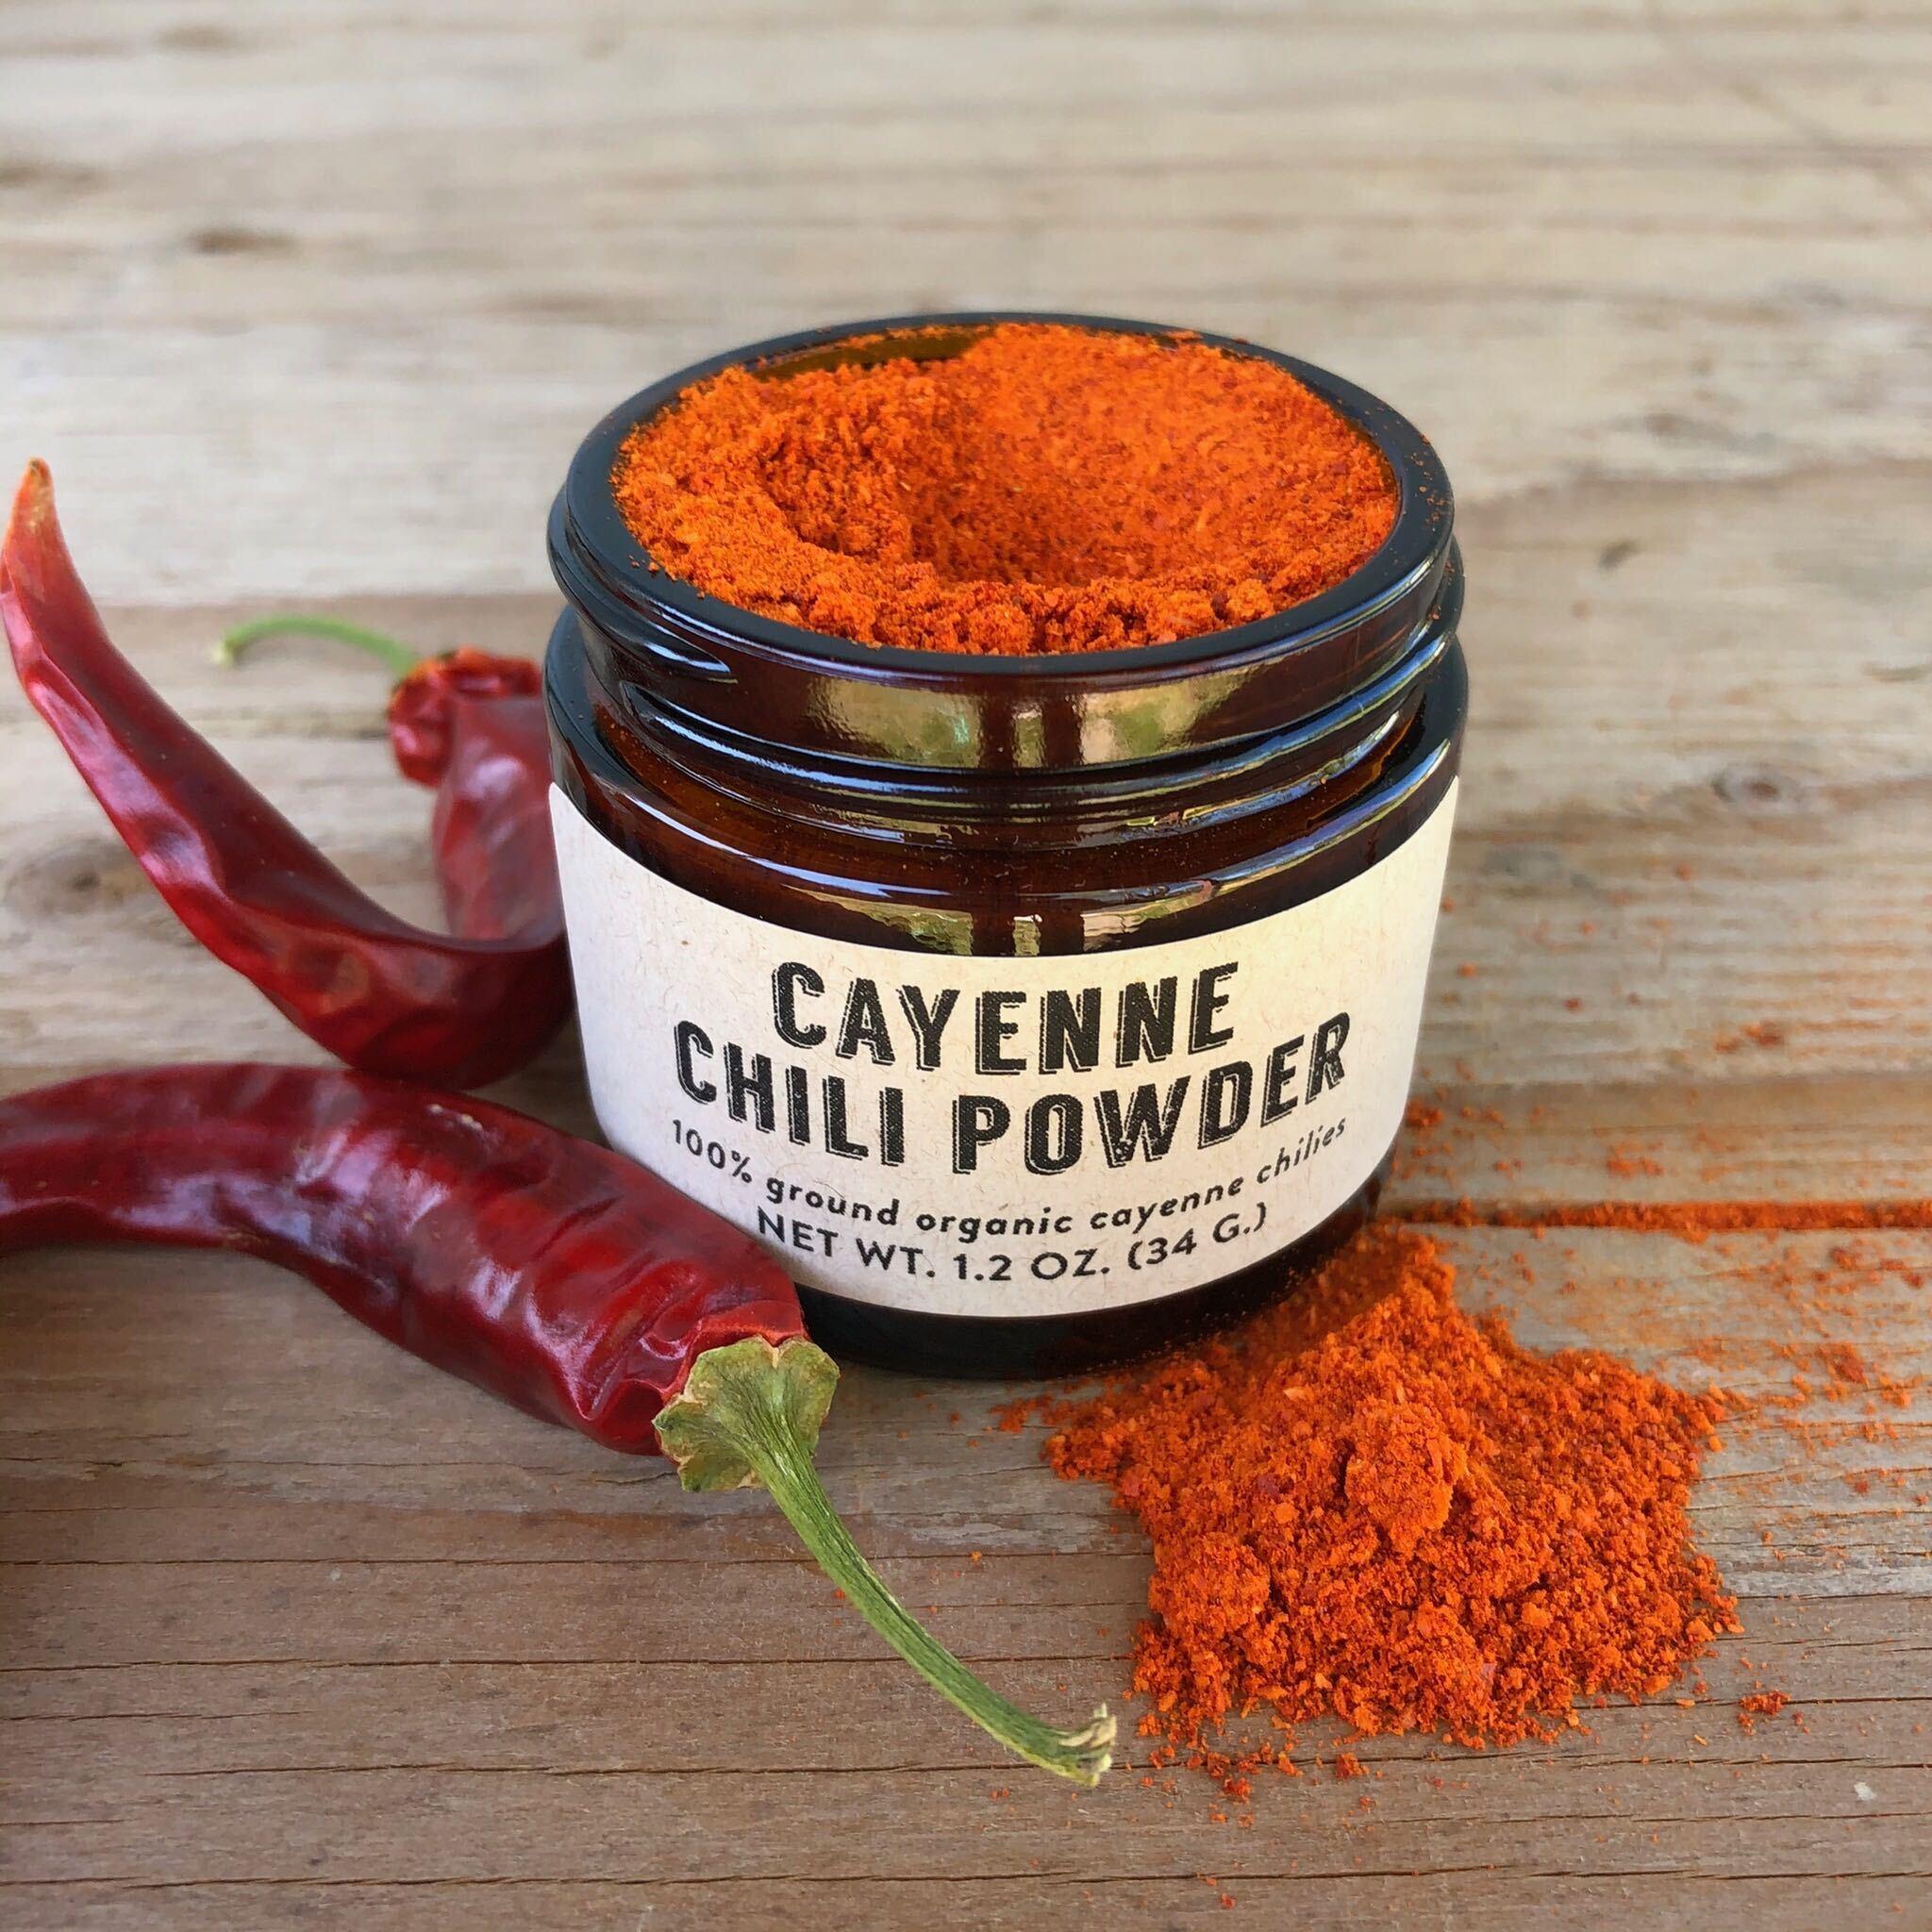 Cayenne Chili Powder